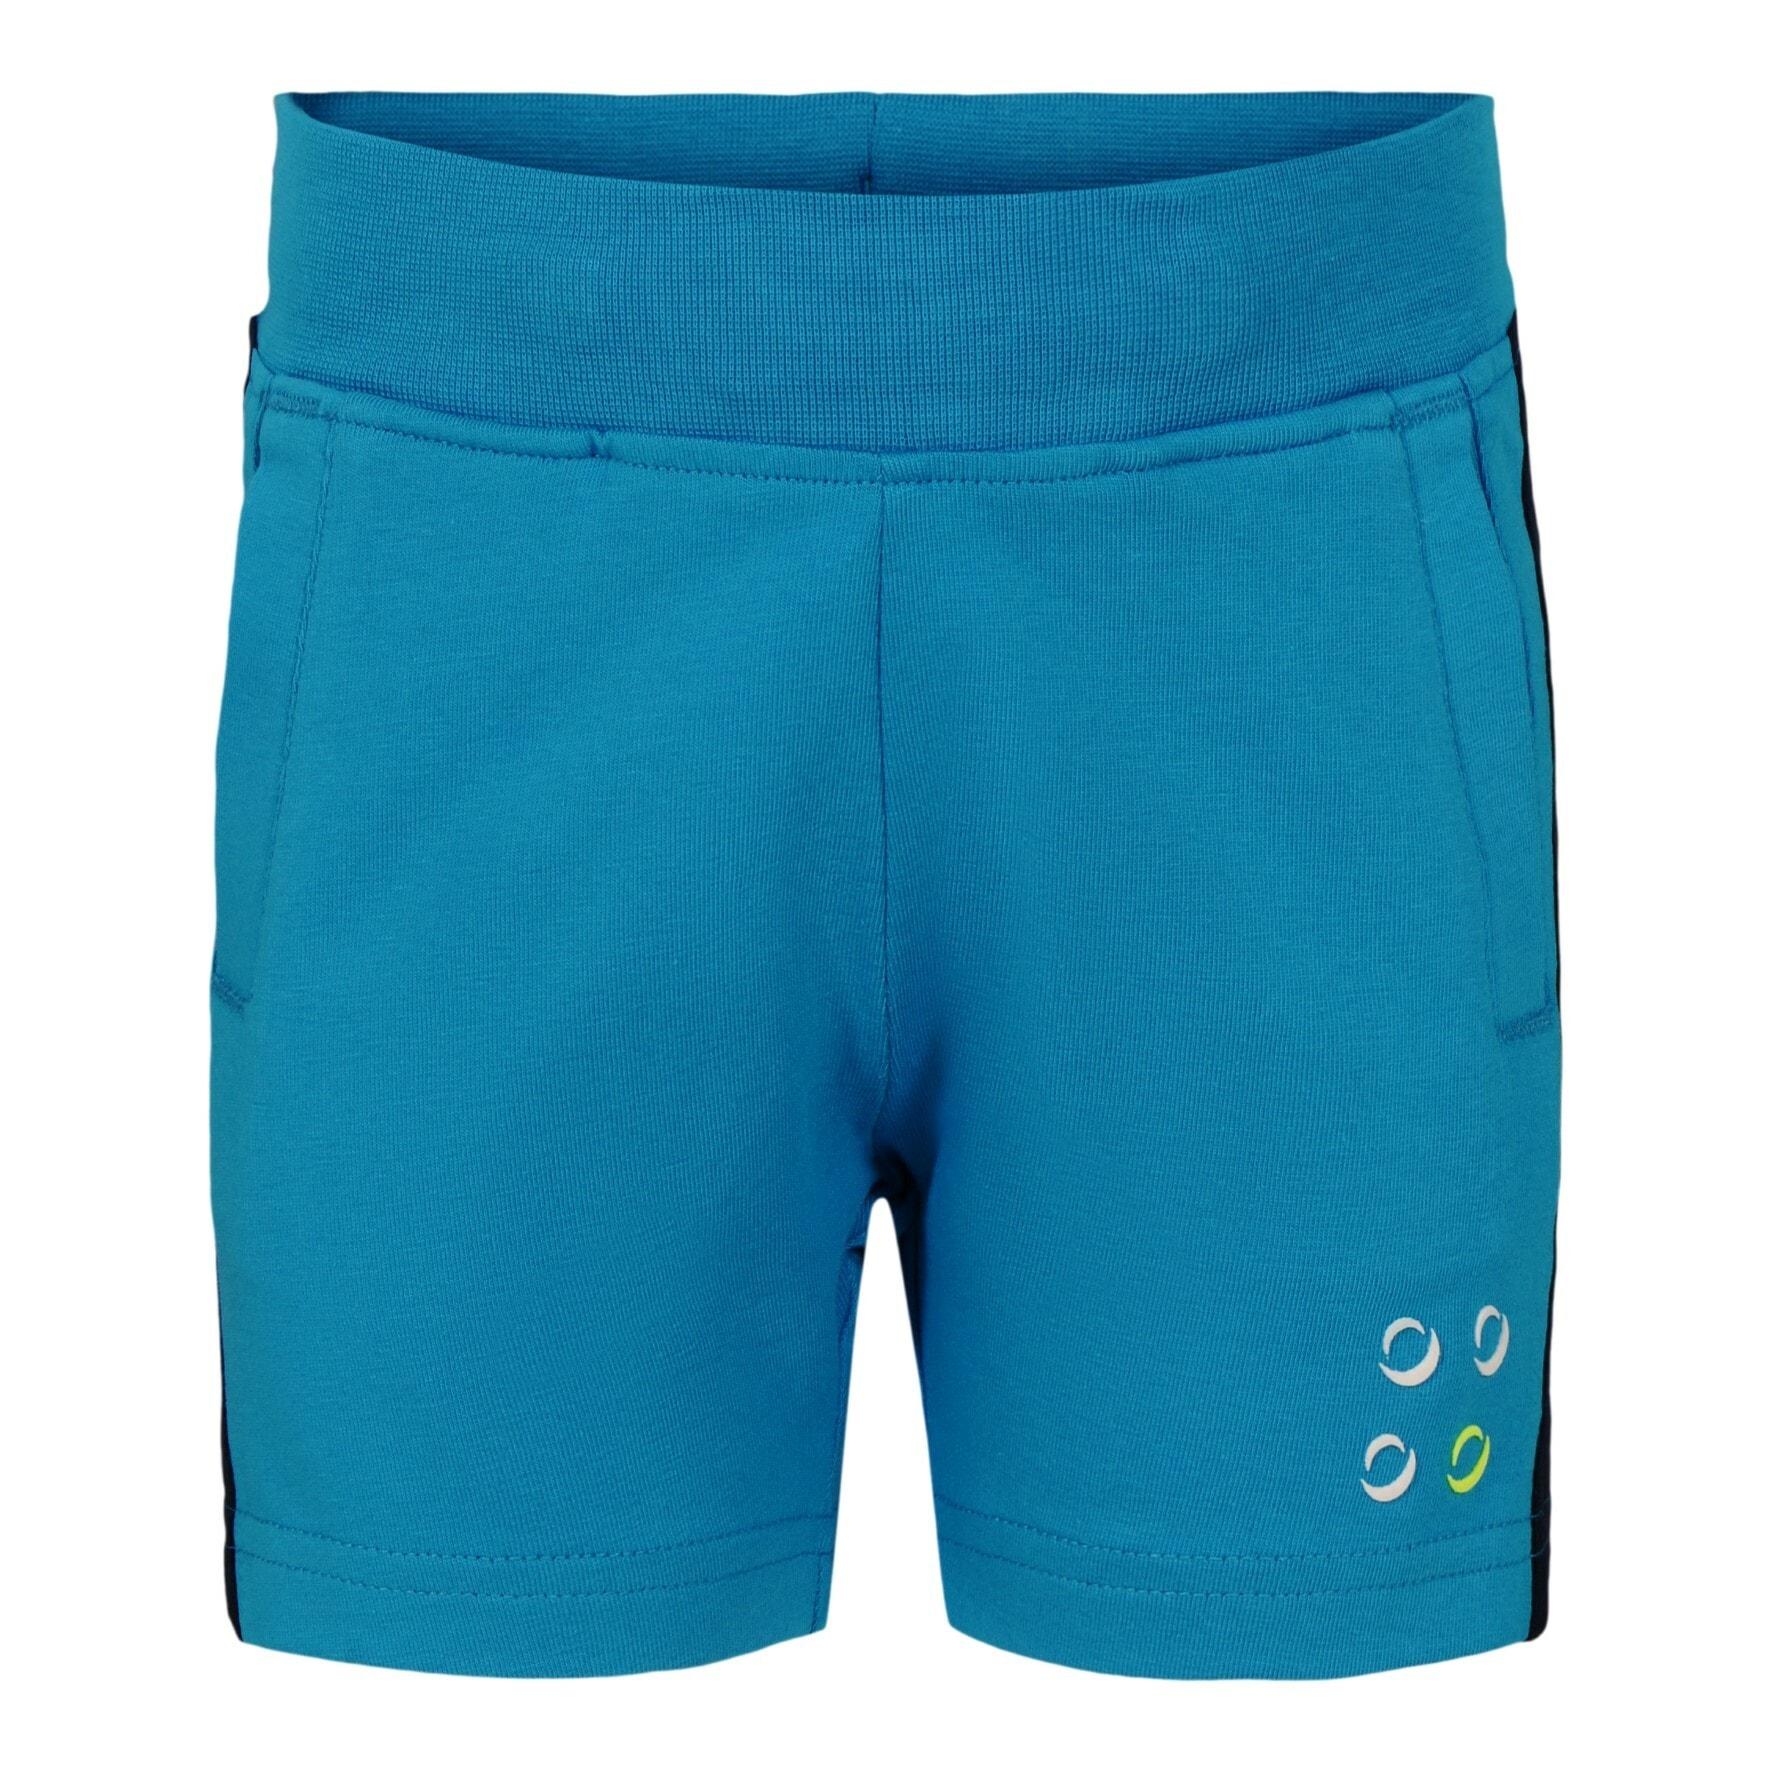 LEGO Wear Shorts LWPOUL 300 blau Jungen Bermudas Jungenkleidung